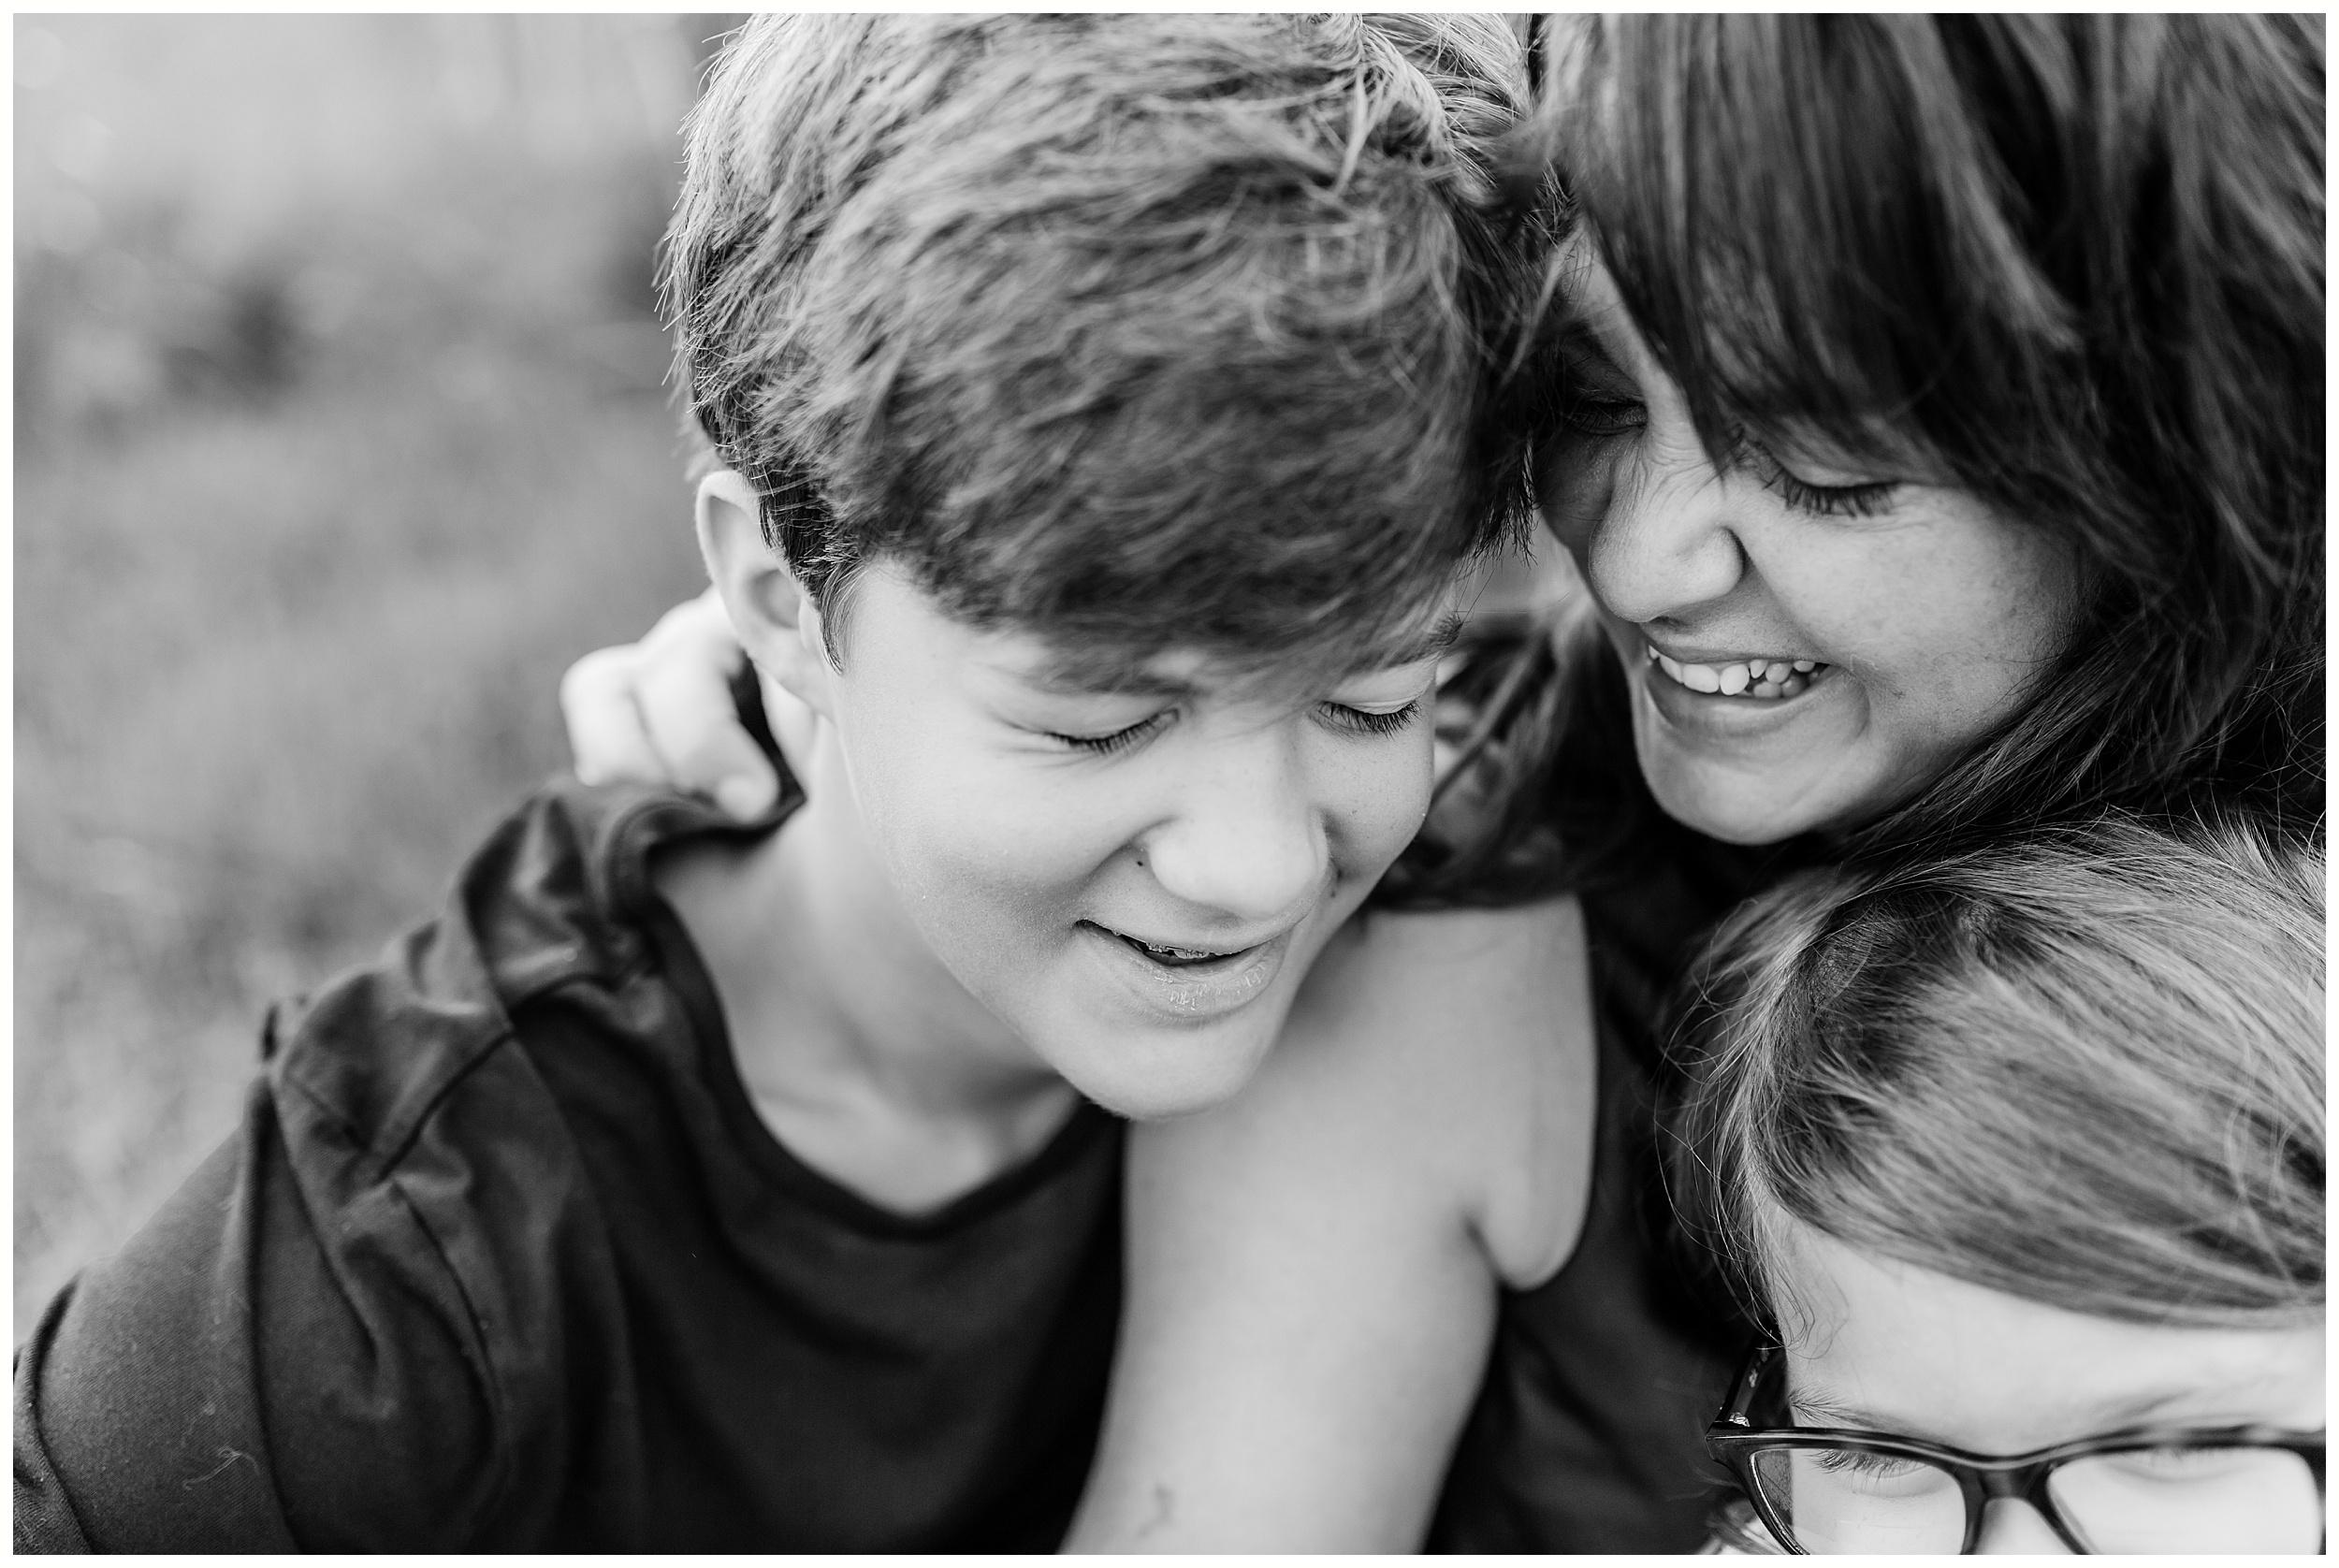 lexington-ky-family-lifestyle-photographer-priscilla-baierlein_1728.jpg